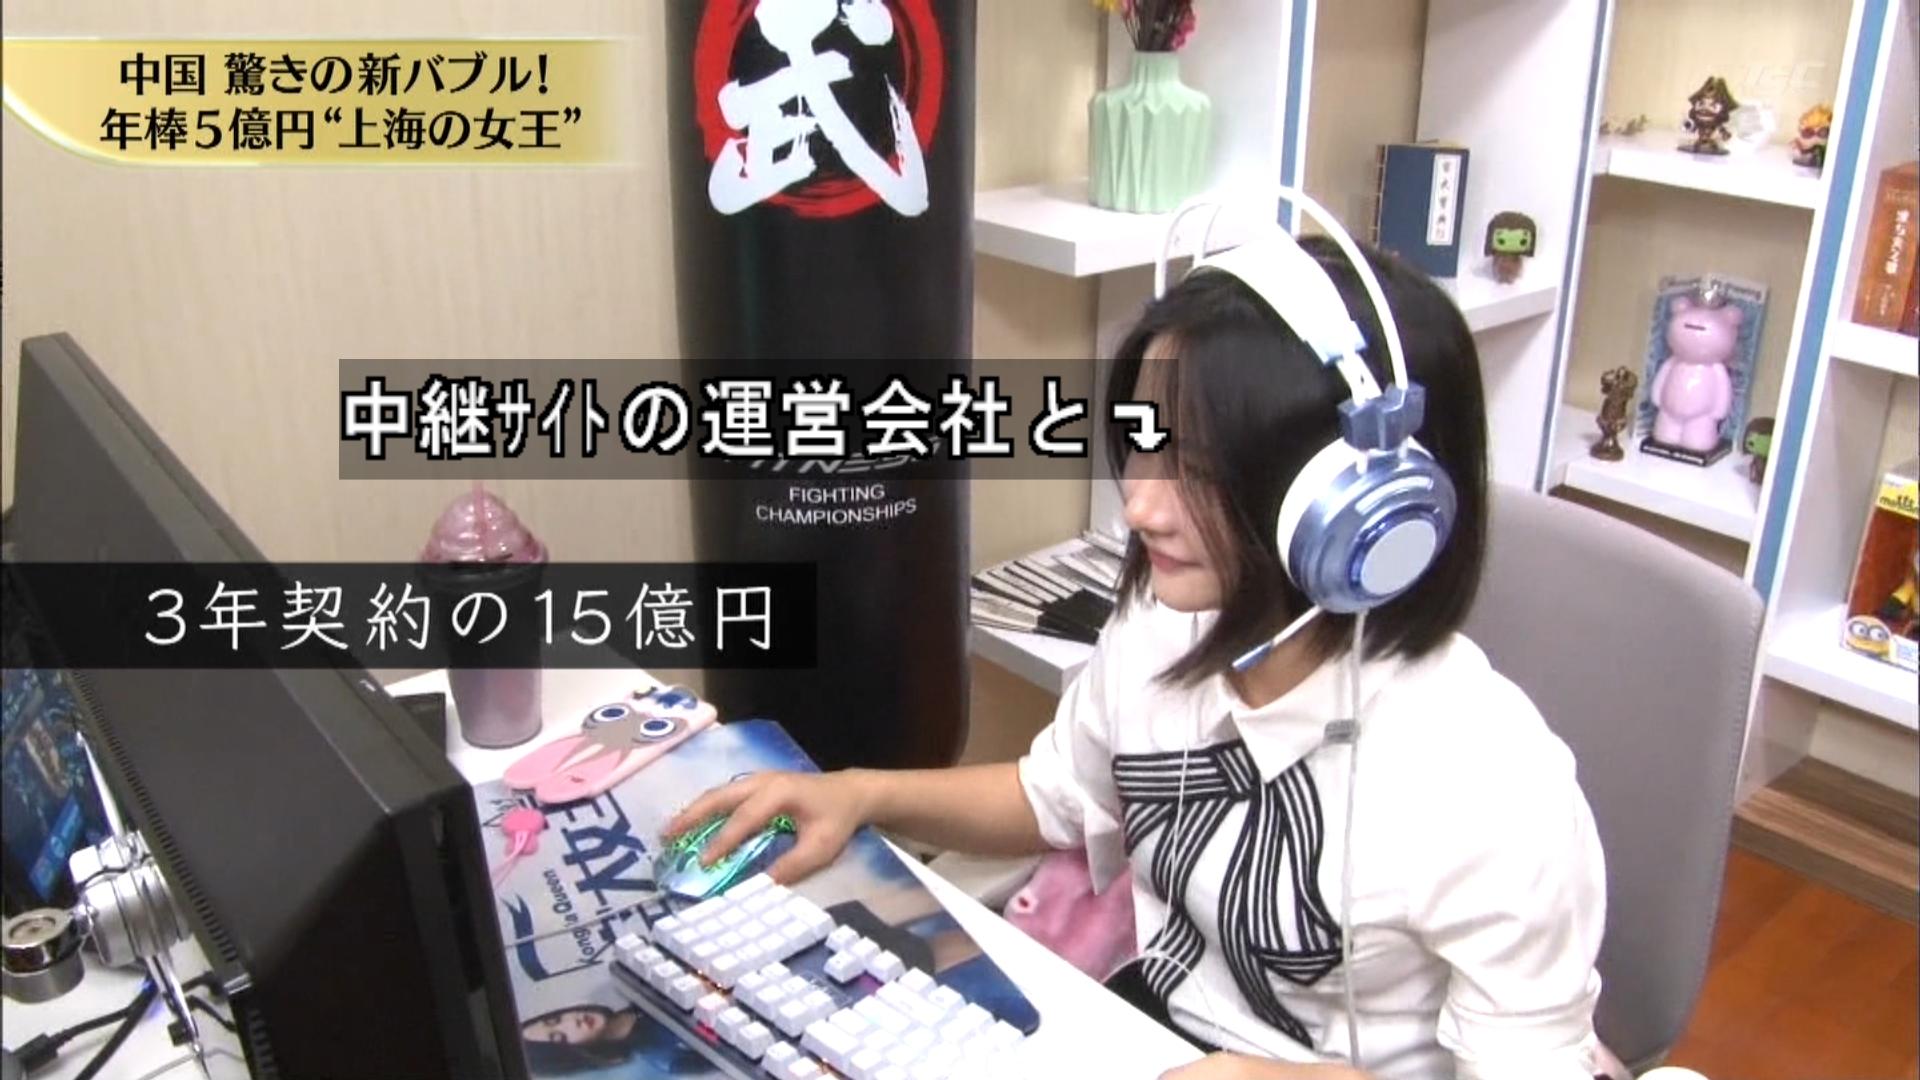 【画像】中国の美少女ユーチューバー 年収5億円